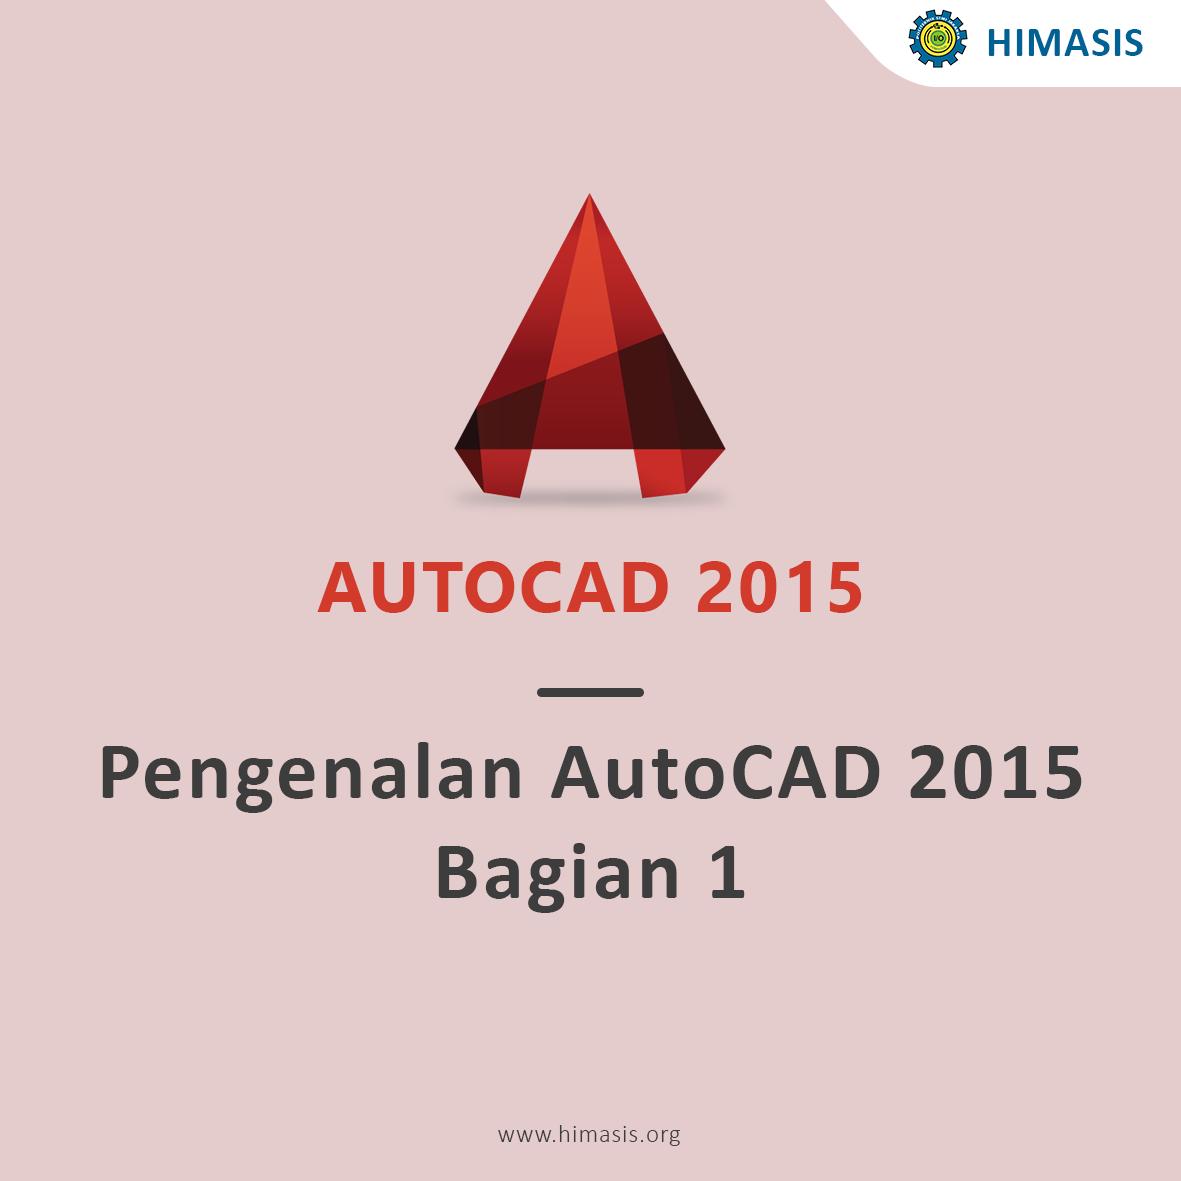 Pengenalan AutoCAD 2015 Bagian 1